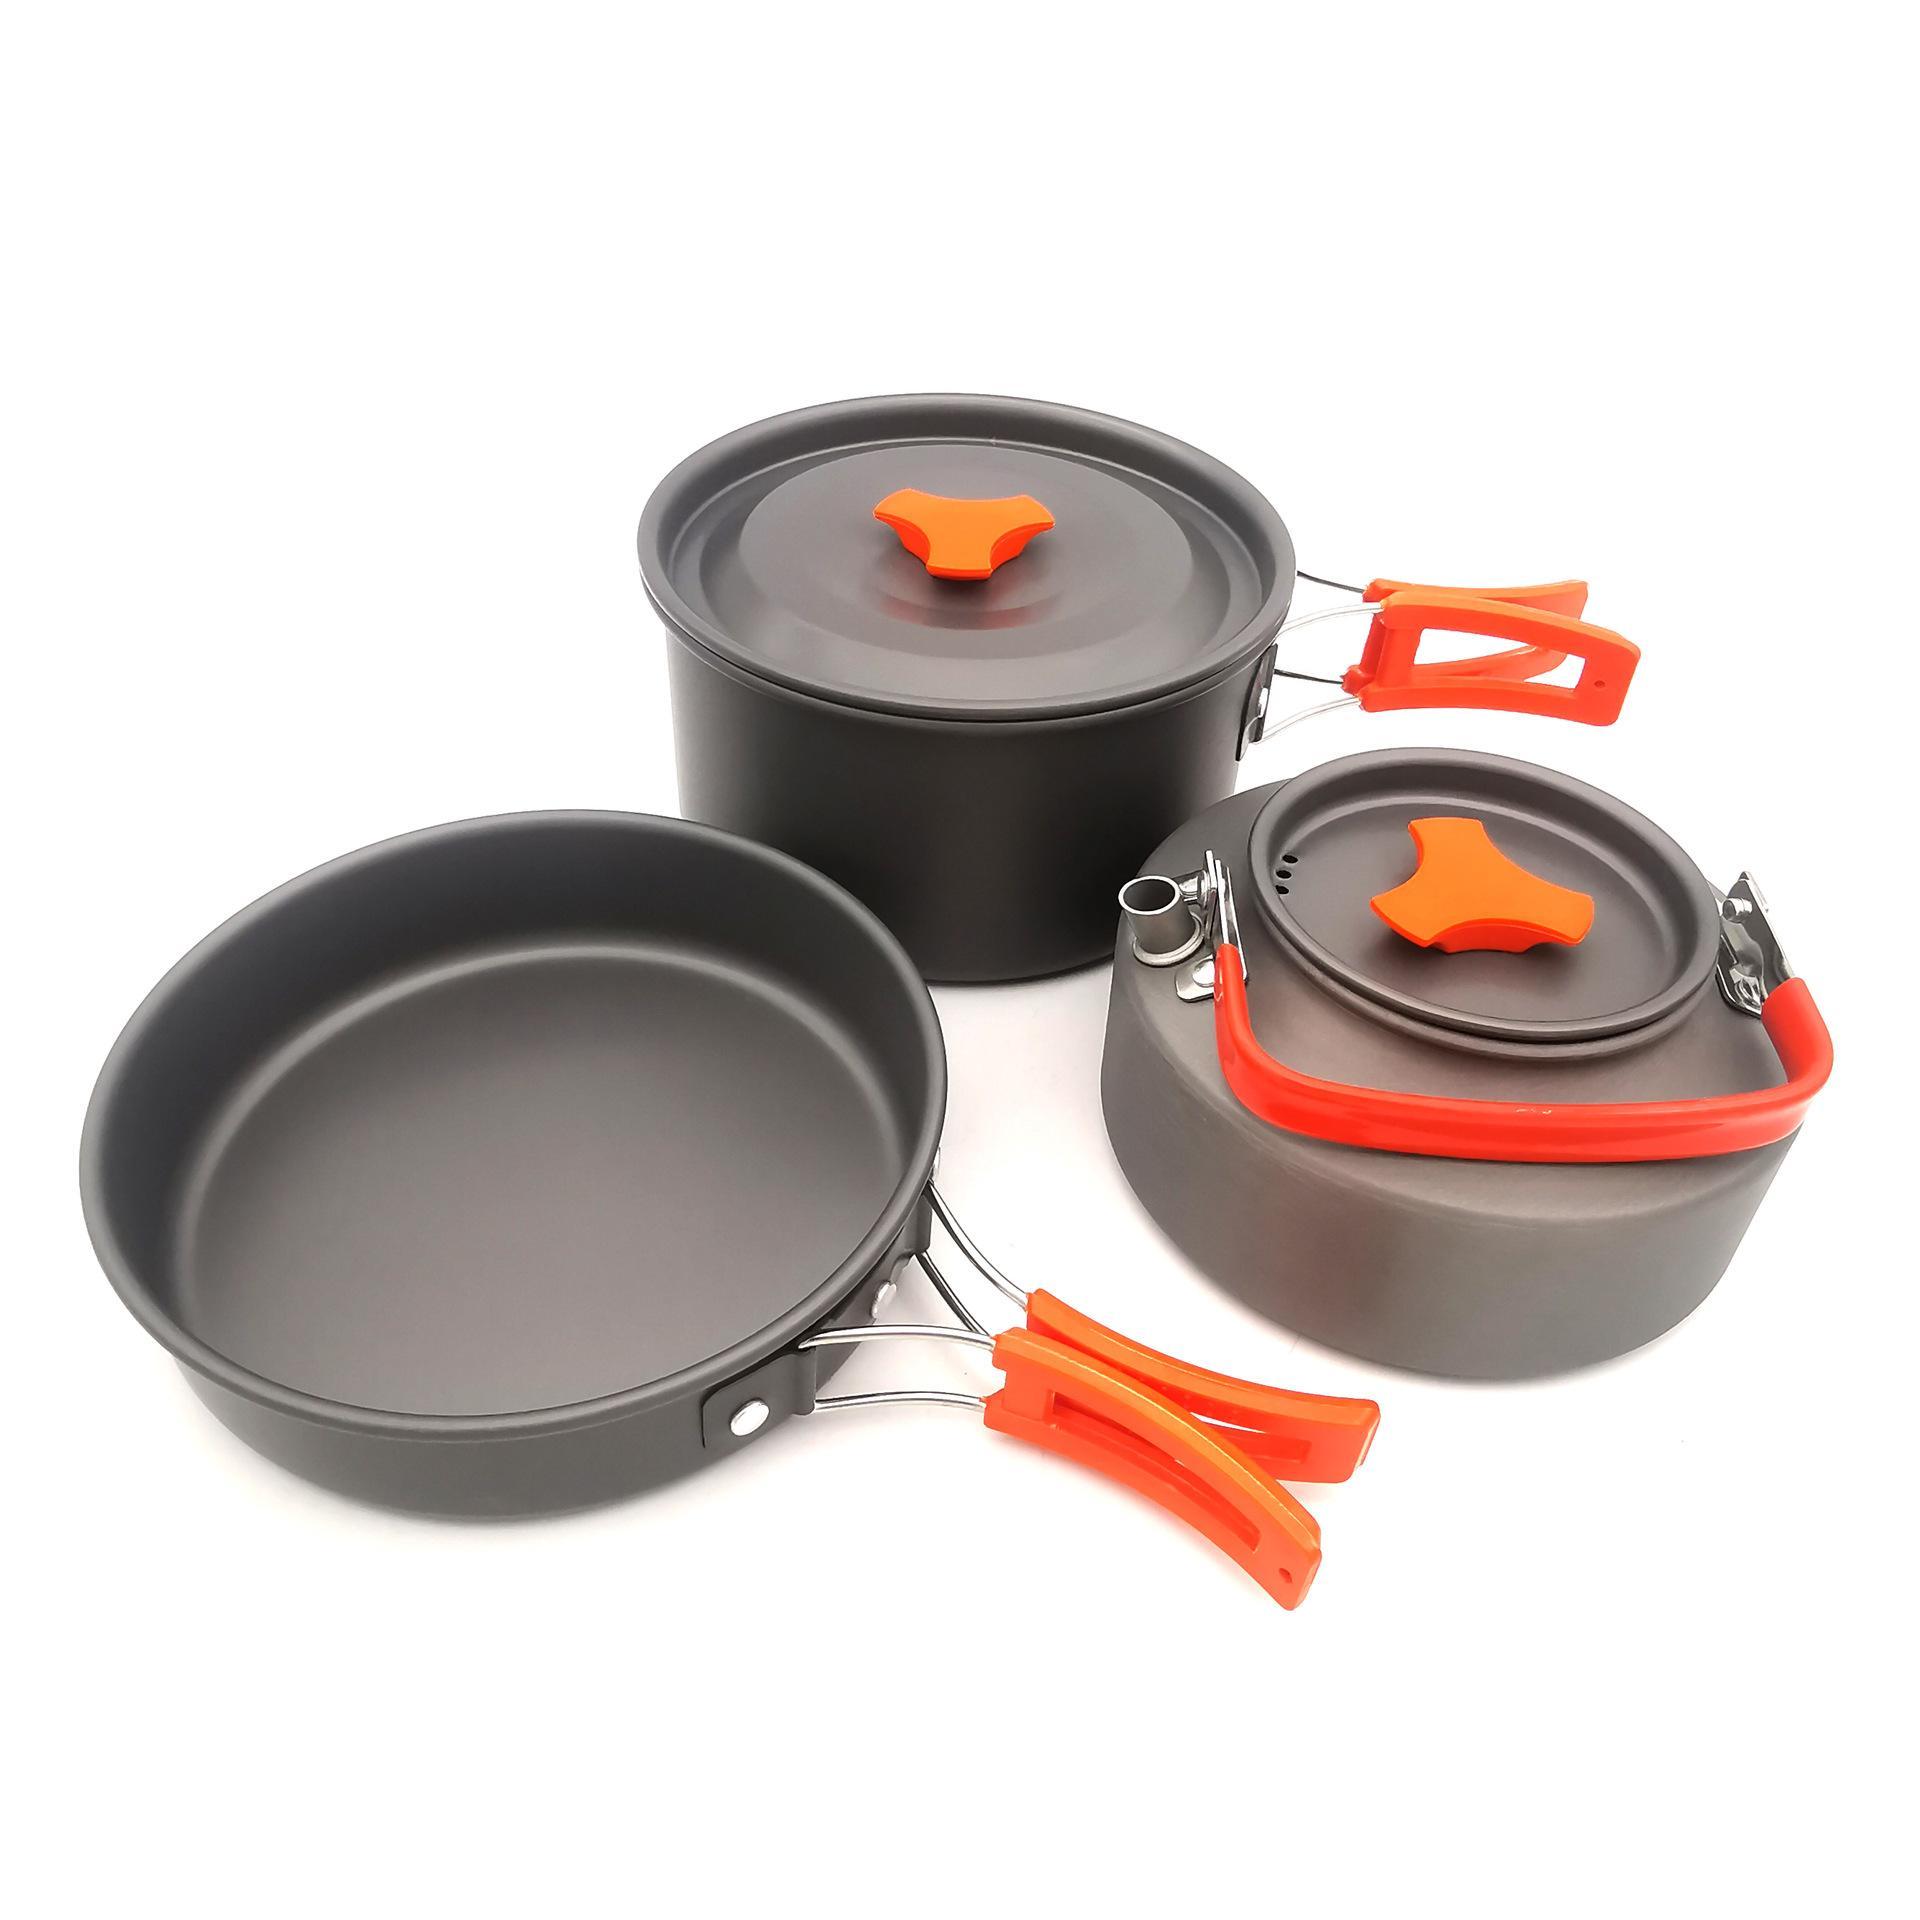 Extérieur Ustensiles Théiere Set 2-3 personnes Batterie de cuisine avec le thé Pot Cooker Set trois pièces